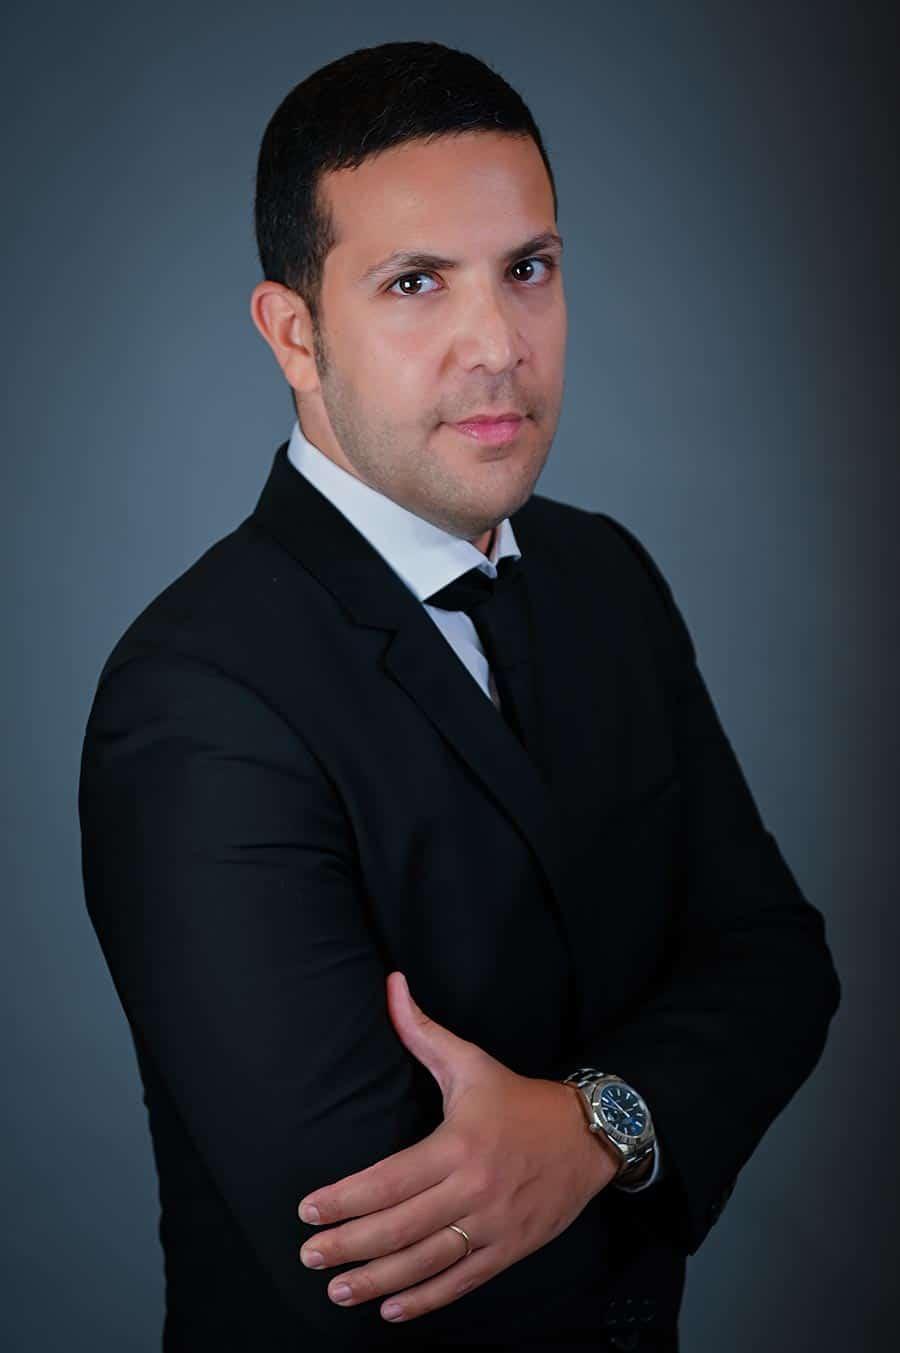 Lawyer Neil Hebroni